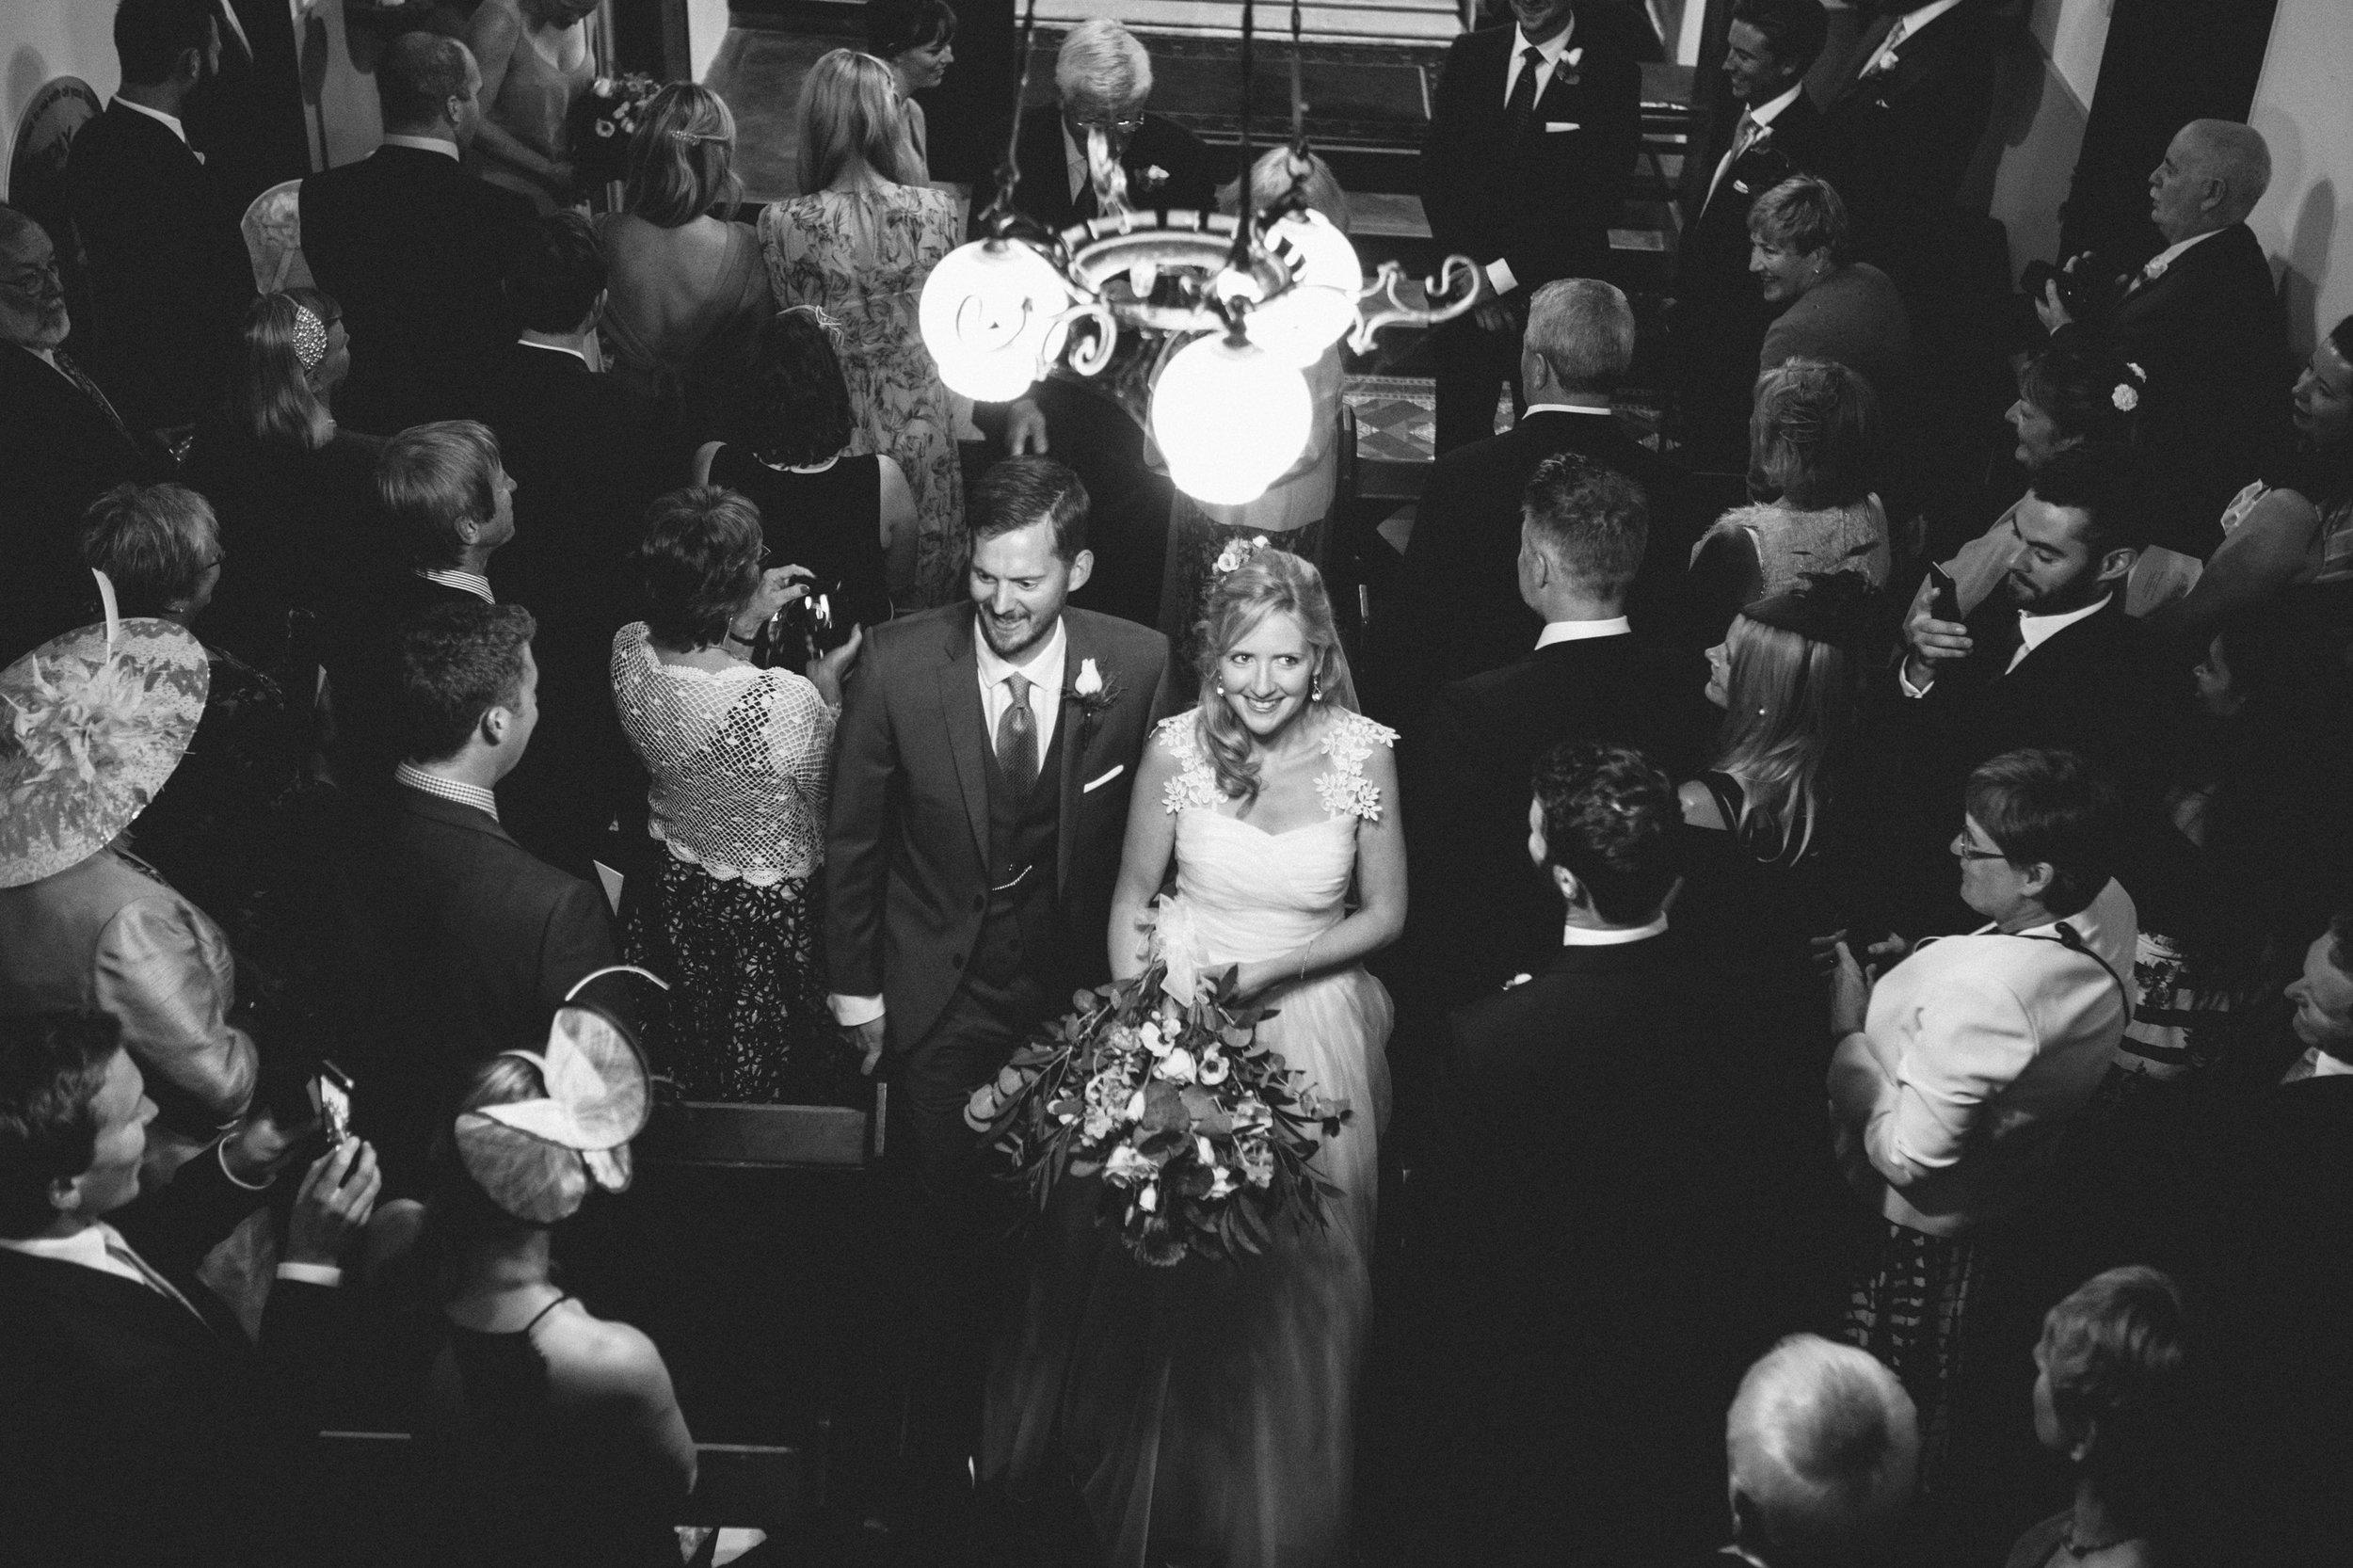 uk wedding photographer artistic wedding photography-68.jpg